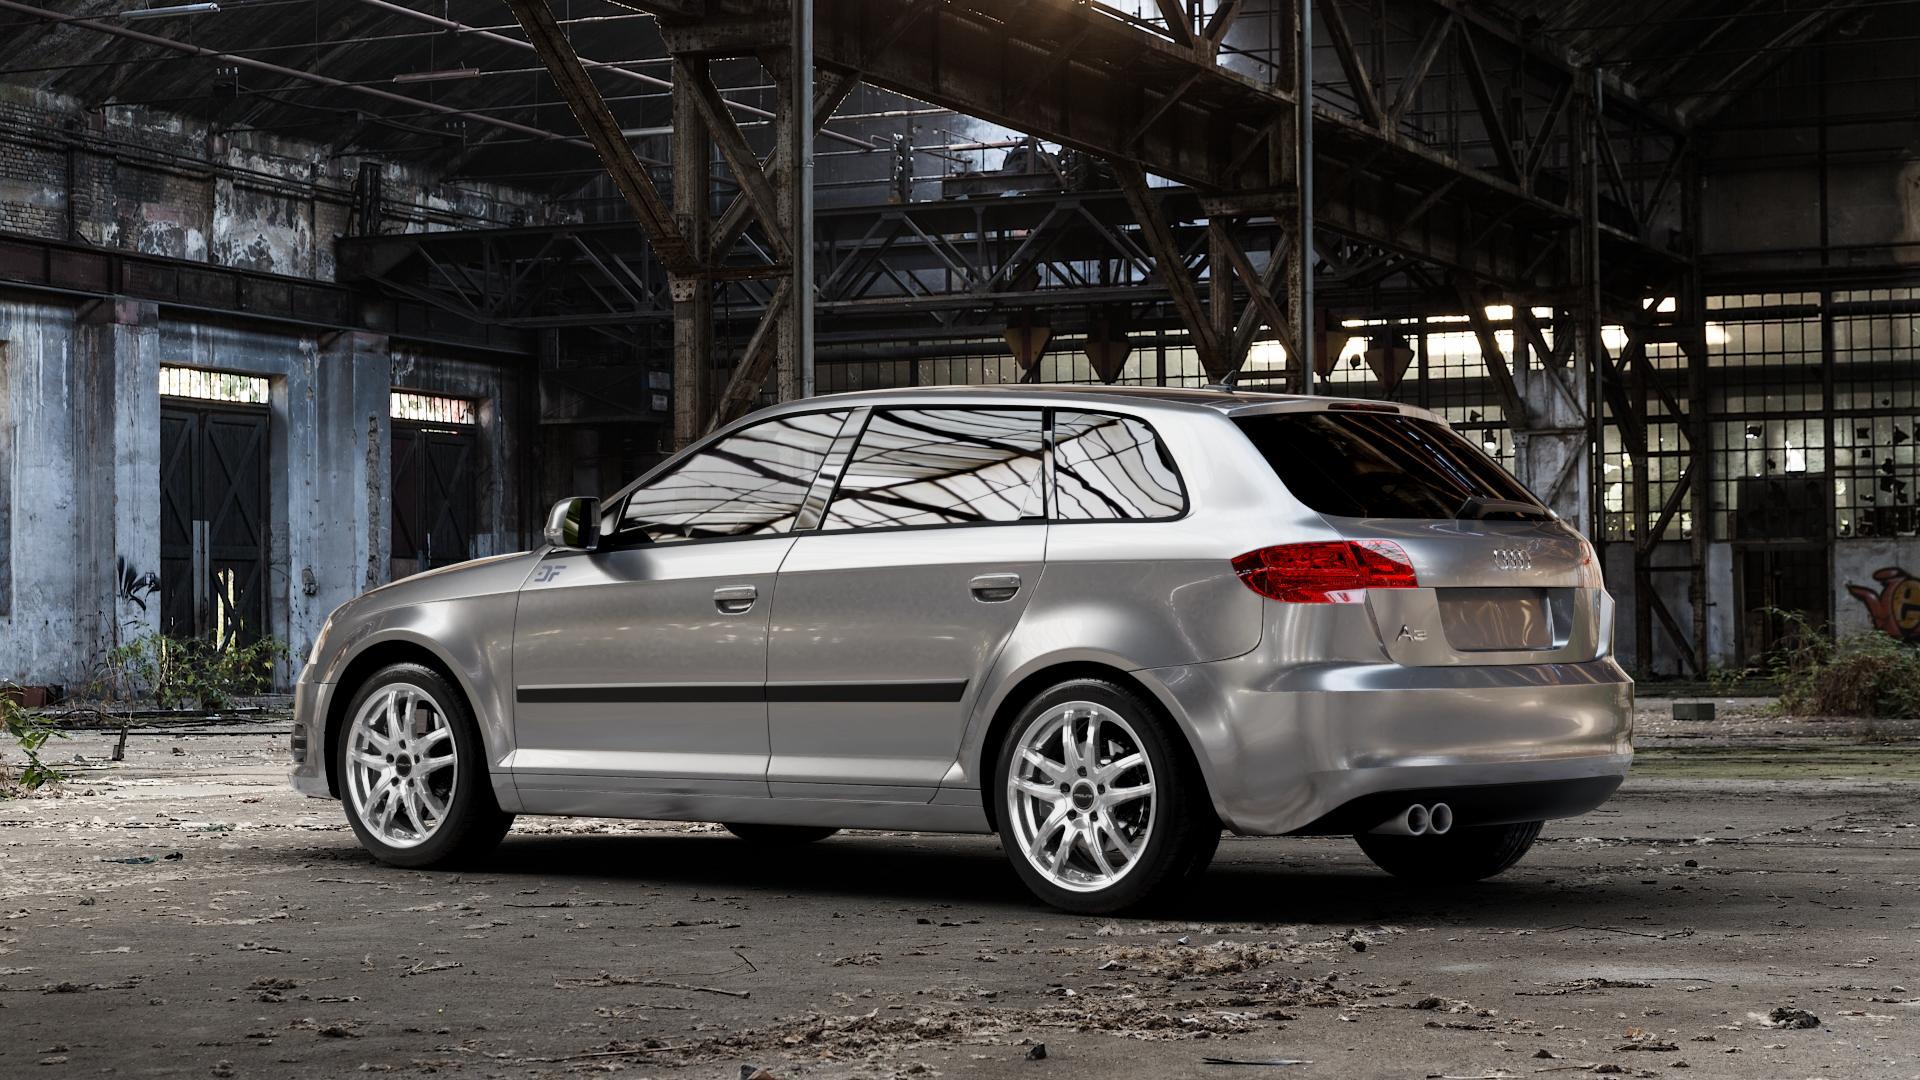 ProLine Wheels VX100 Arctic Silver Felge mit Reifen silber in 17Zoll Winterfelge Alufelge auf silbernem Audi A3 Typ 8P (Sportback) 1,6l 75kW (102 PS) 2,0l FSI 110kW (150 1,9l TDI 77kW (105 103kW (140 TFSI 147kW (200 85kW (116 100kW (136 1,8l 118kW (160 125kW (170 1,4l 92kW (125 120kW (163 quattro 3,2l V6 184kW (250 S3 195kW (265 1,2l 66kW (90